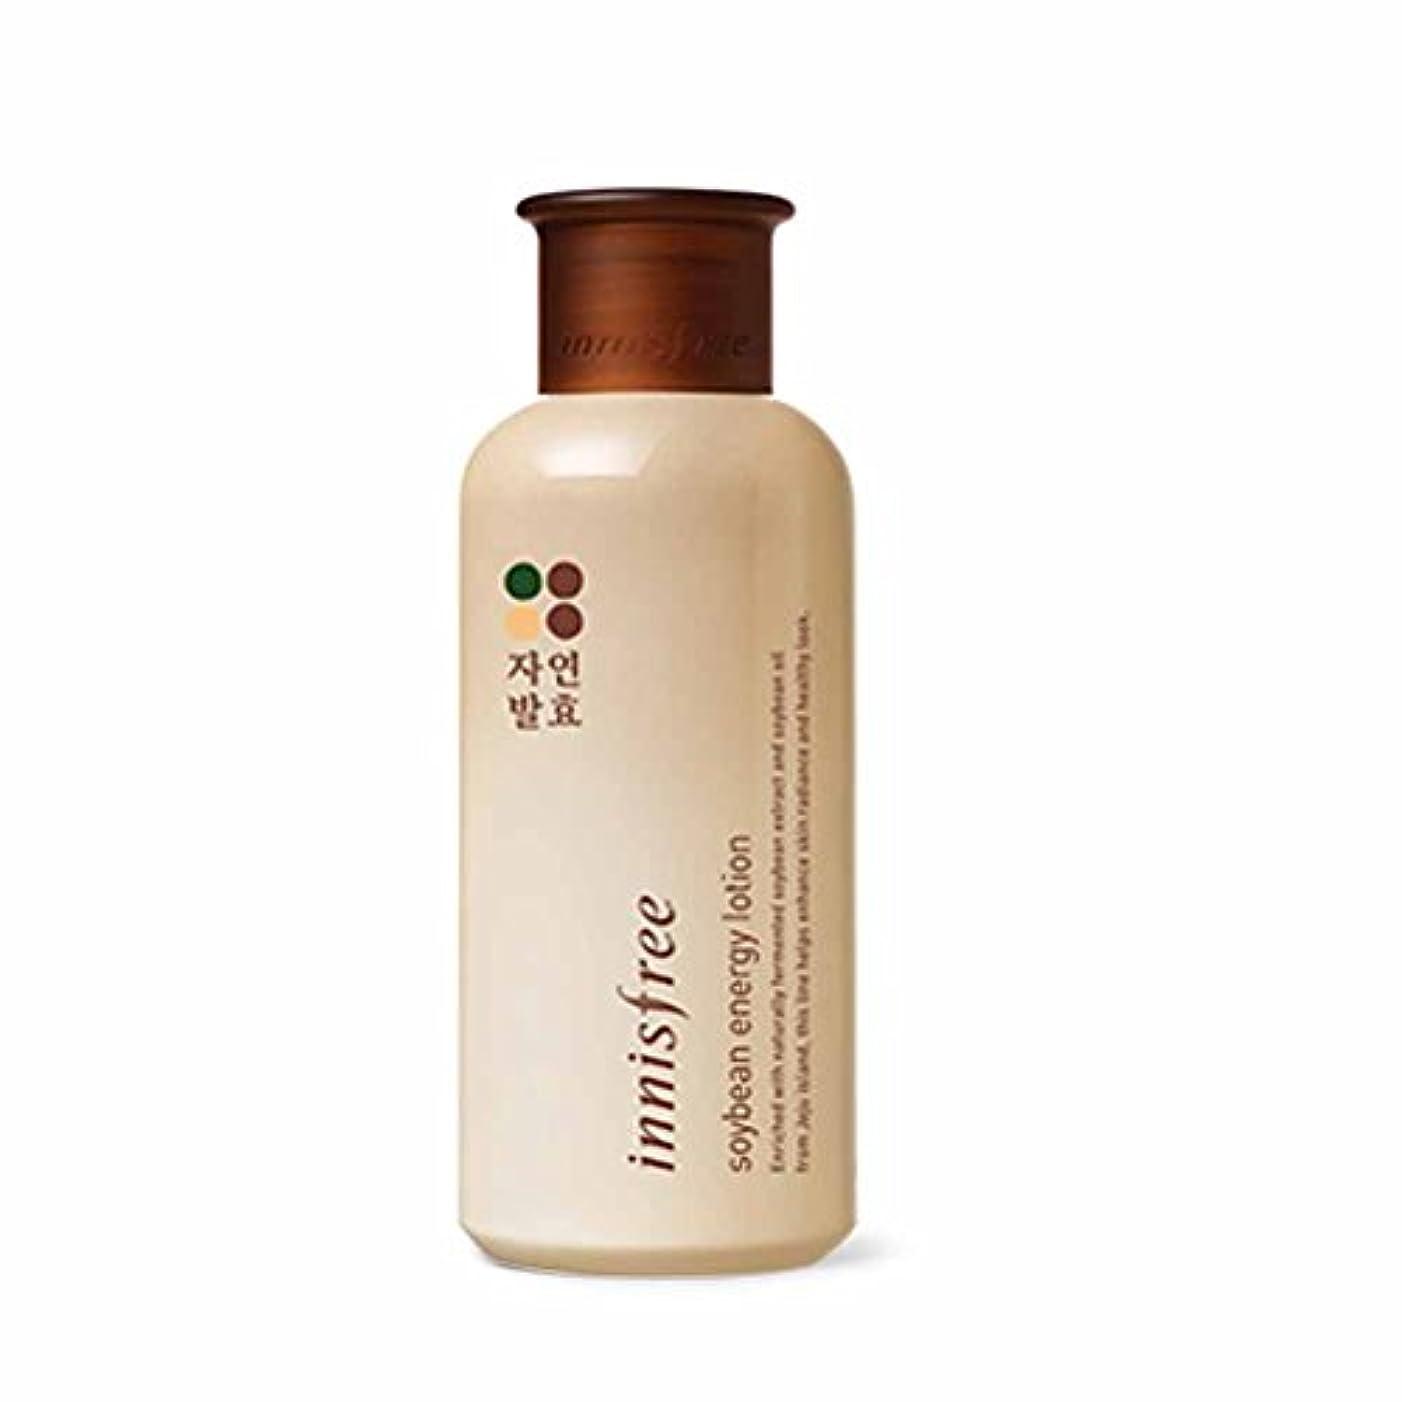 イニスフリーソイビーンエナジースキン(トナー)200ml / Innisfree Soybean Energy Skin(Toner) 200ml[海外直送品][並行輸入品]